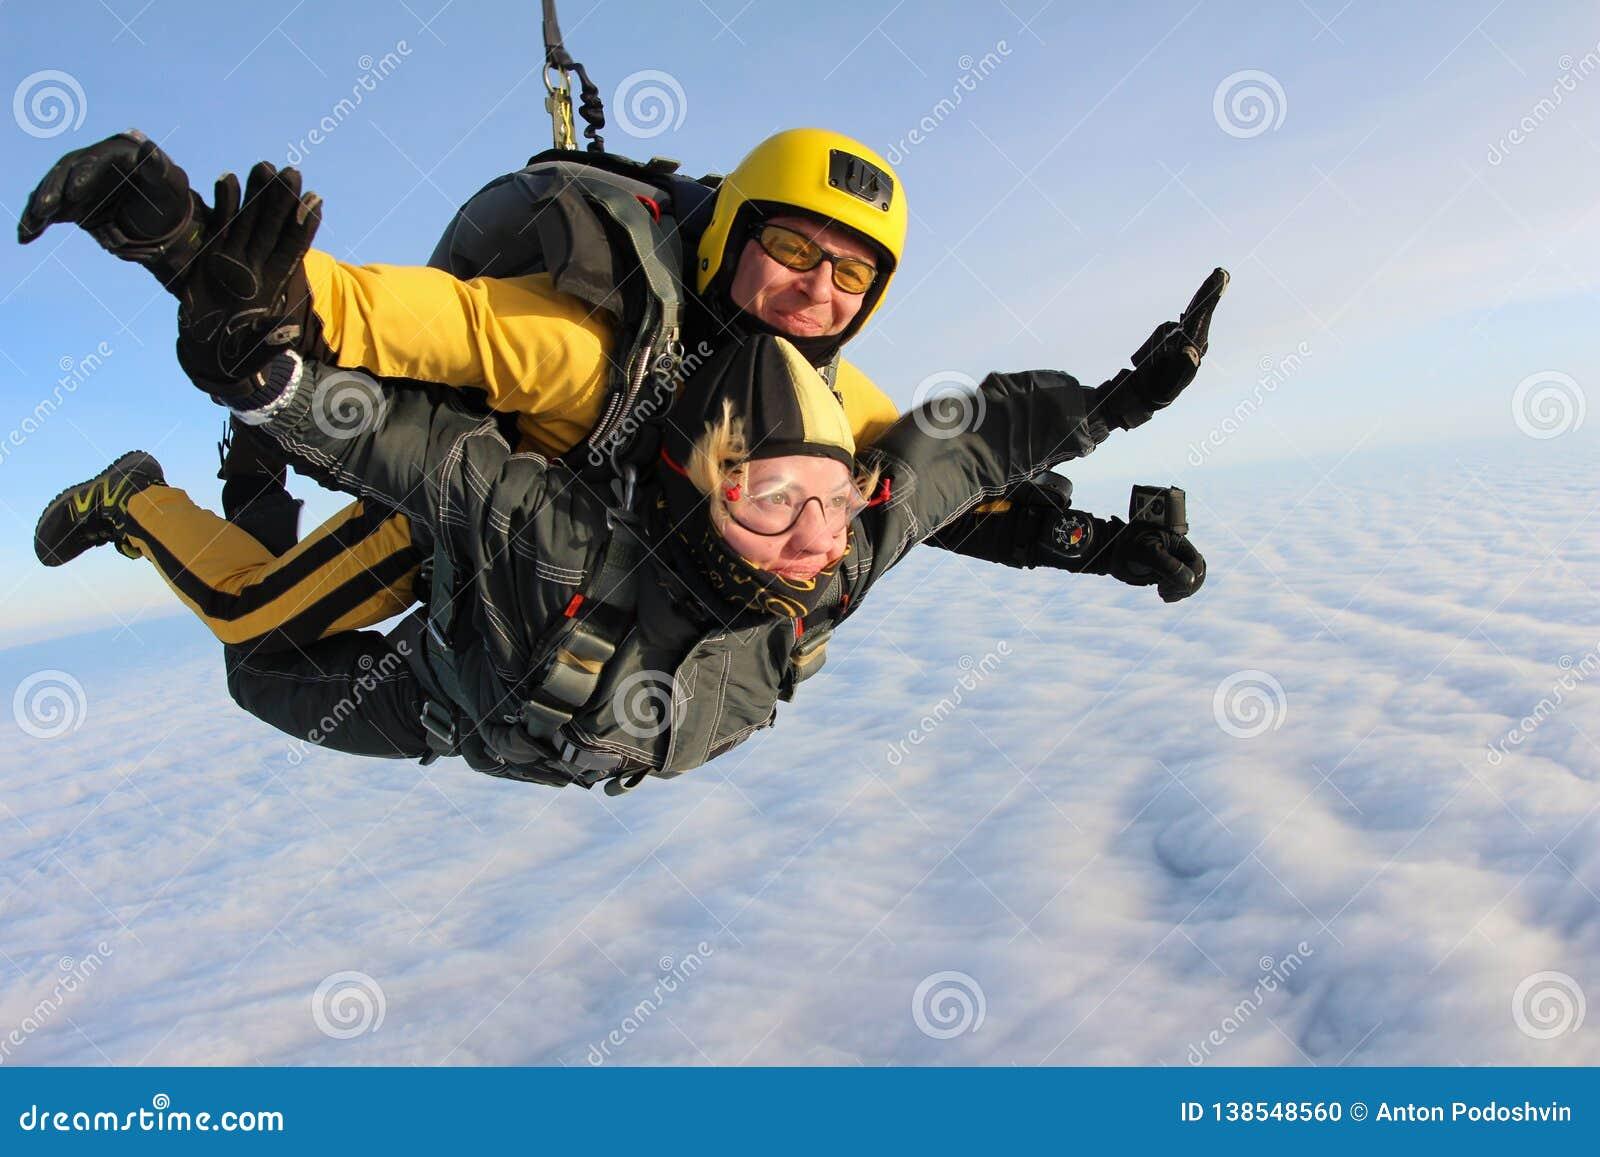 Skydiving het achter elkaar Skydivers vliegt boven witte wolken